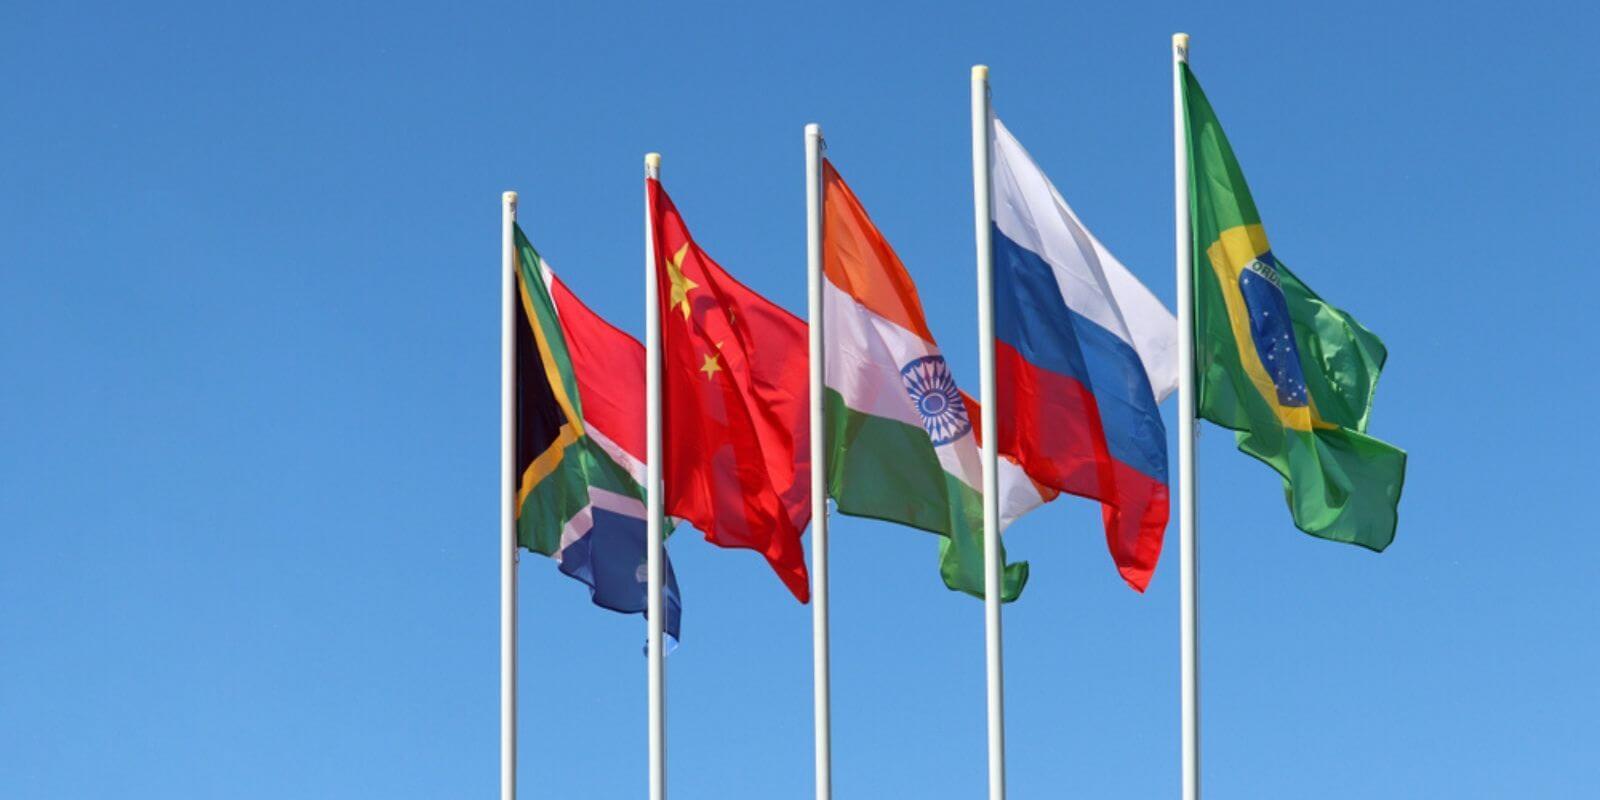 Les pays du BRICS envisagent l'utilisation d'une crypto-monnaie commune